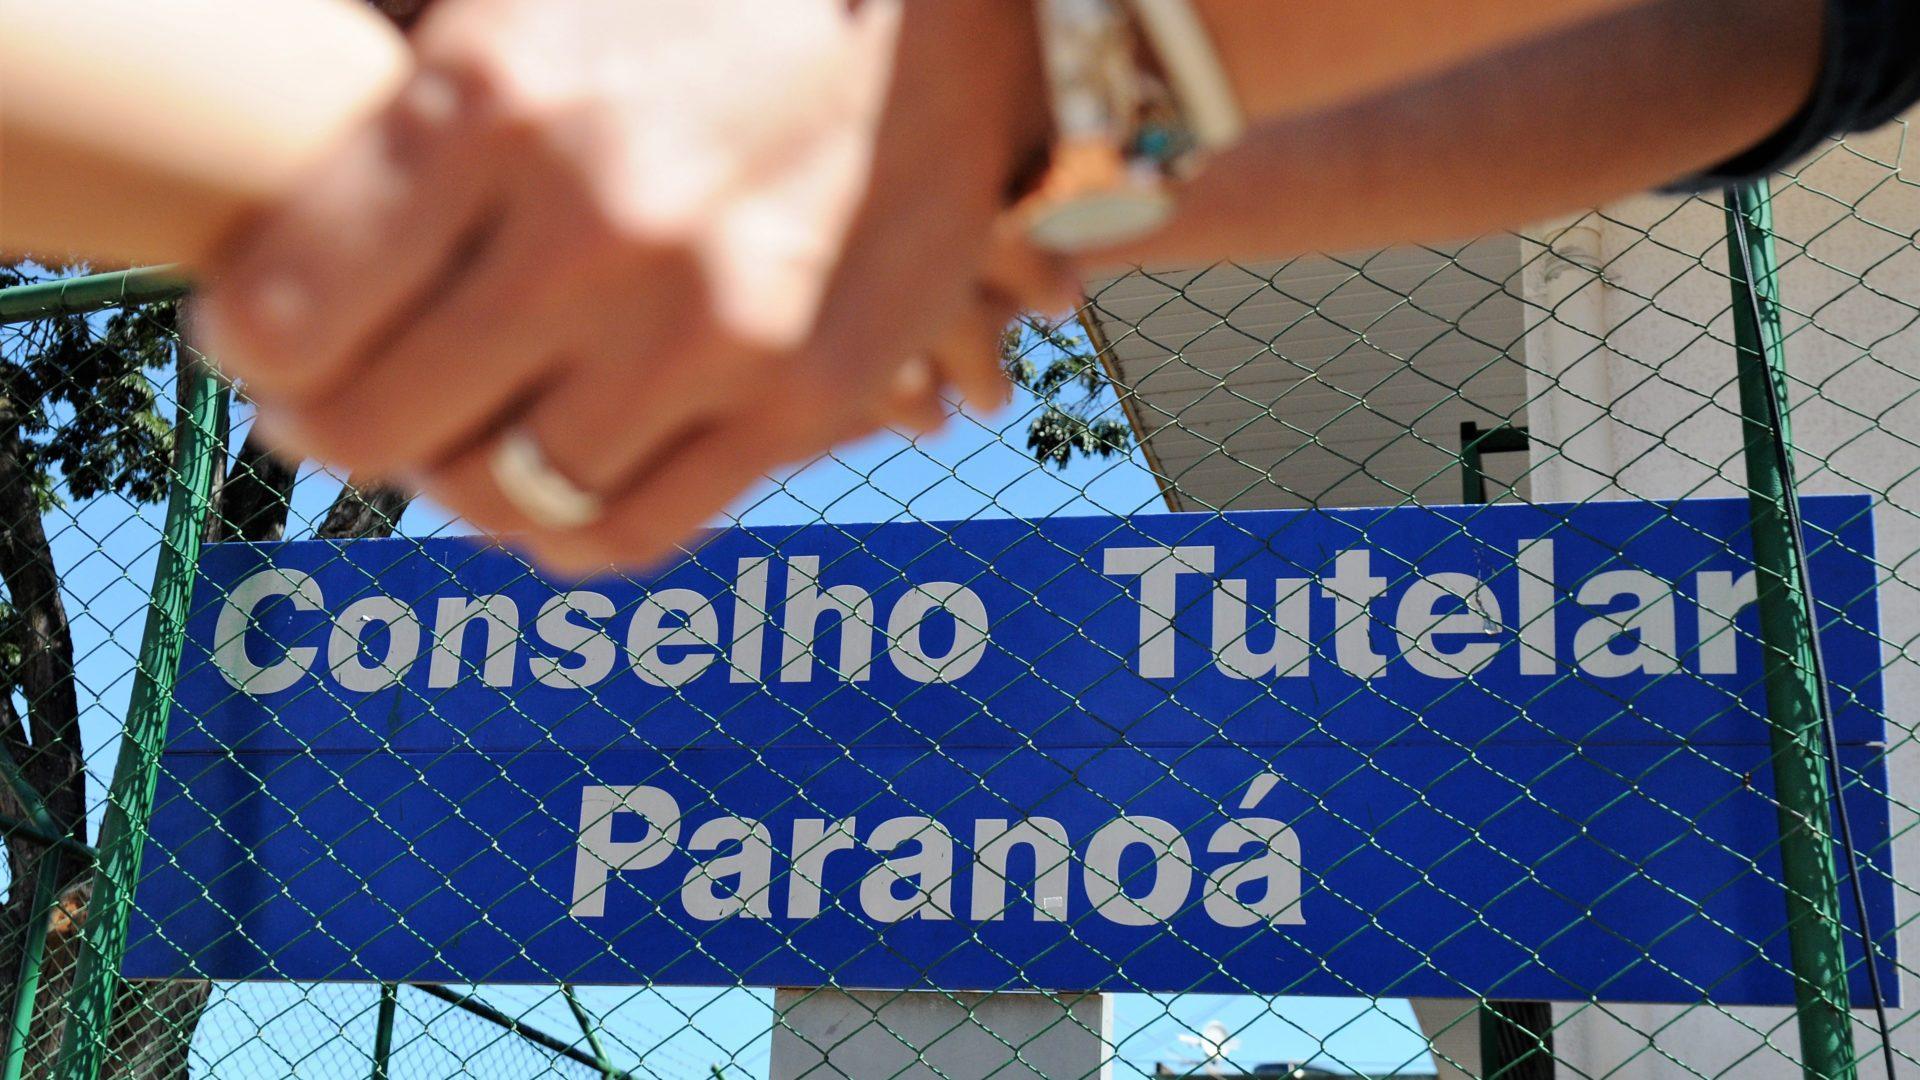 Foto: Paulo H. Carvalho/Agência Brasília